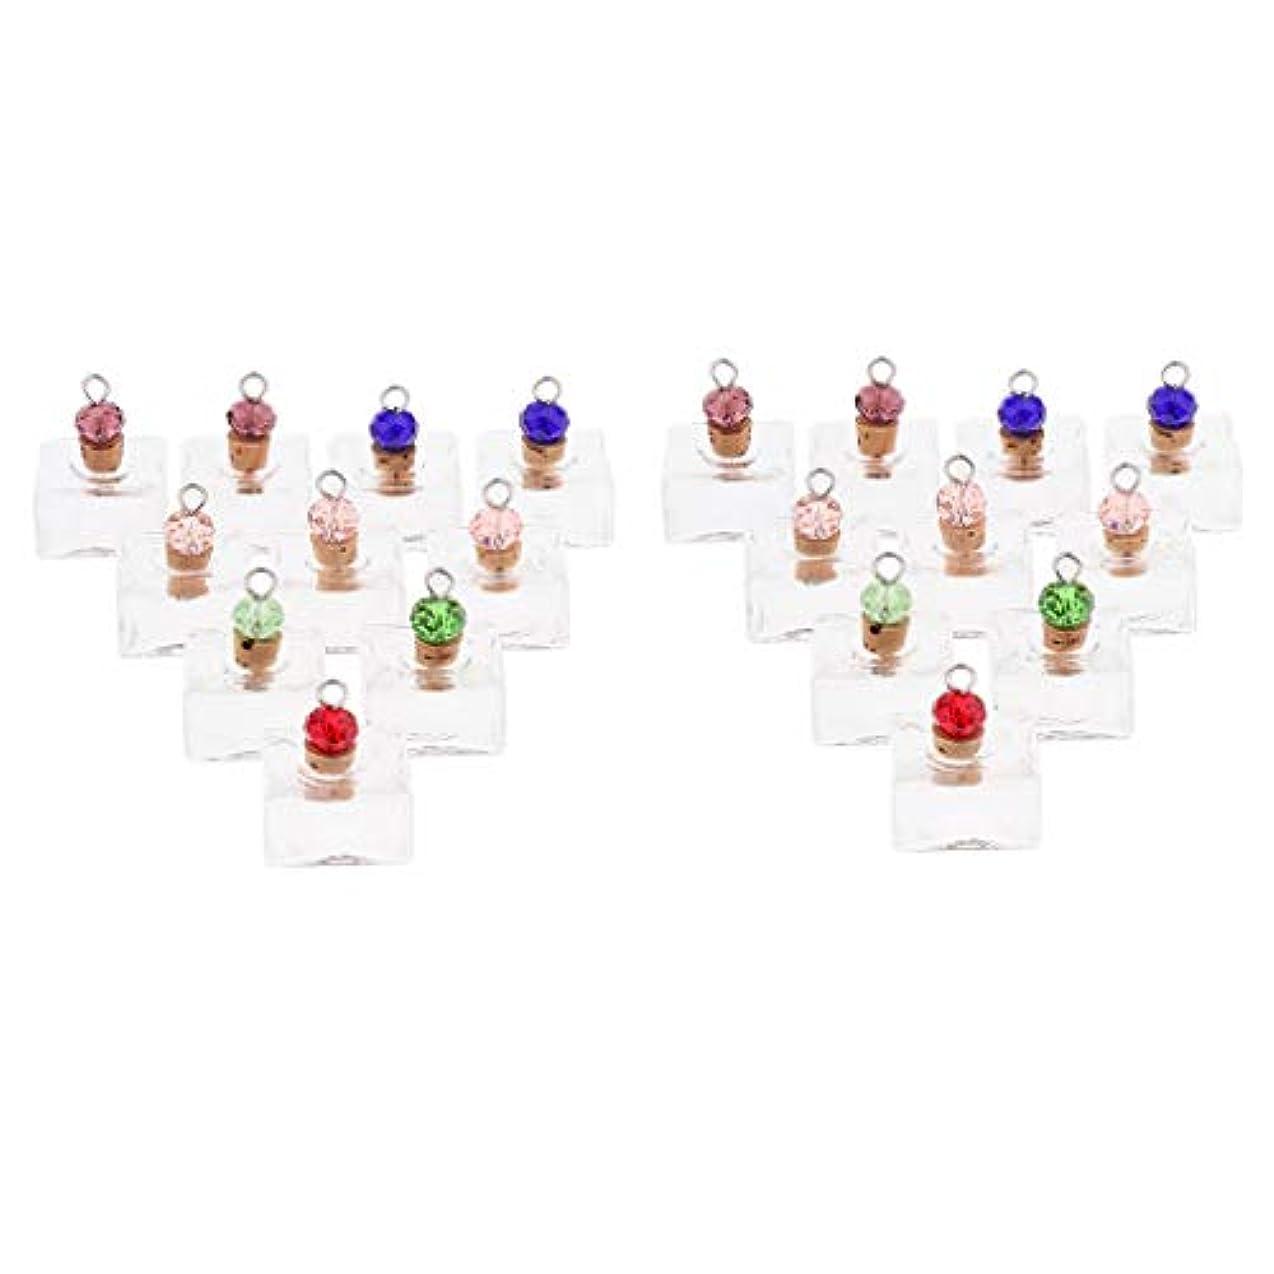 高速道路報復警察署香水 ペンダント ネックレス アロマ ガラス容器 香水瓶 ボトル エッセンシャルオイル